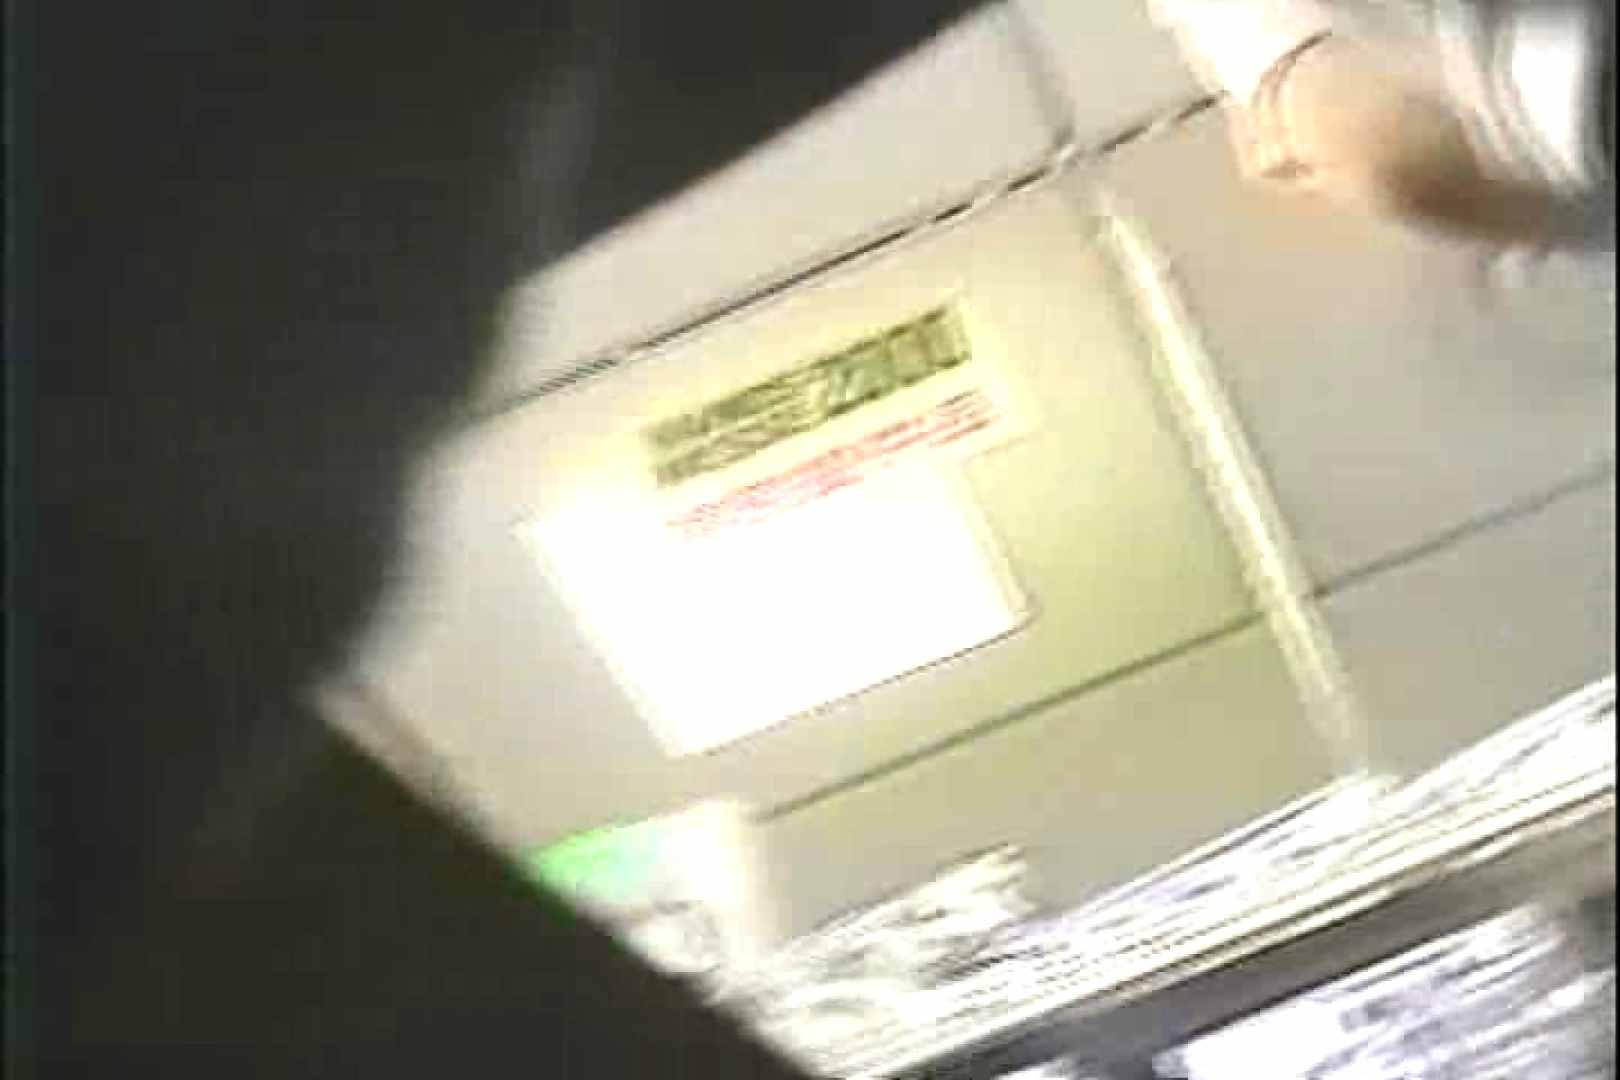 「ちくりん」さんのオリジナル未編集パンチラVol.3_02 パンチラのぞき ぱこり動画紹介 87画像 11